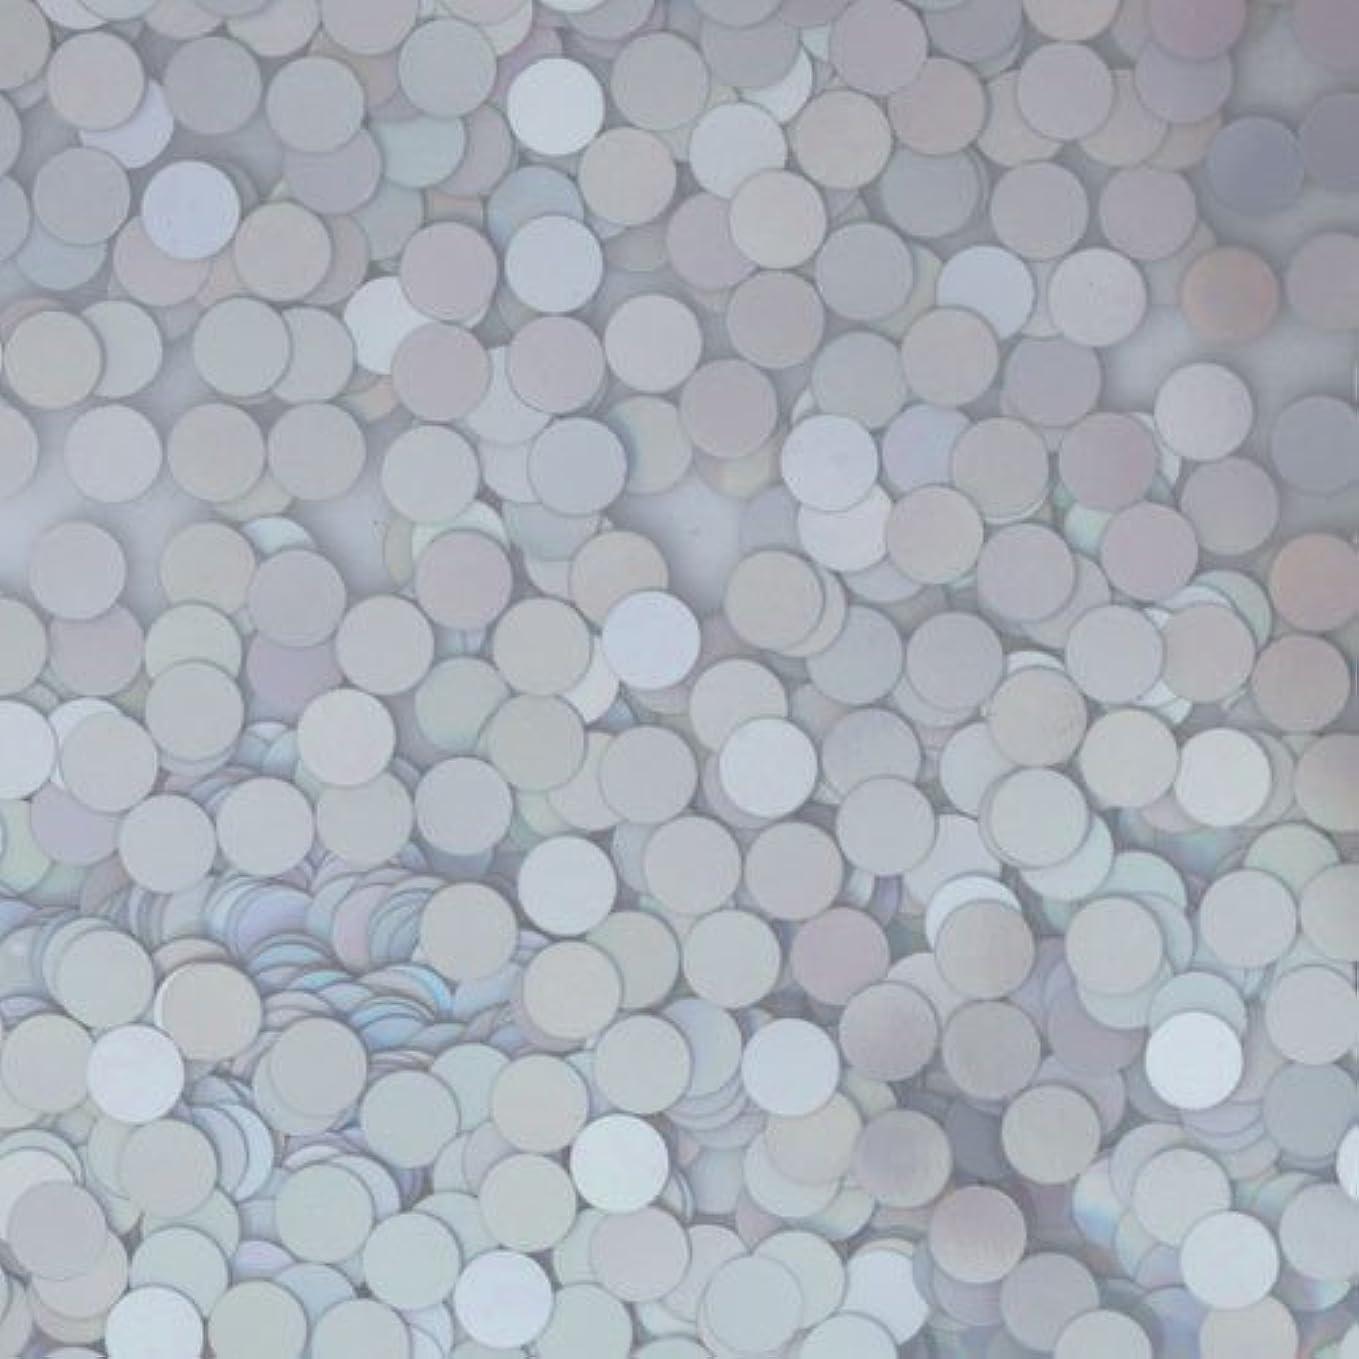 アリス魅惑する成分ピカエース ネイル用パウダー ピカエース 丸ホロ 1.5mm #883 マットシルバー 0.5g アート材